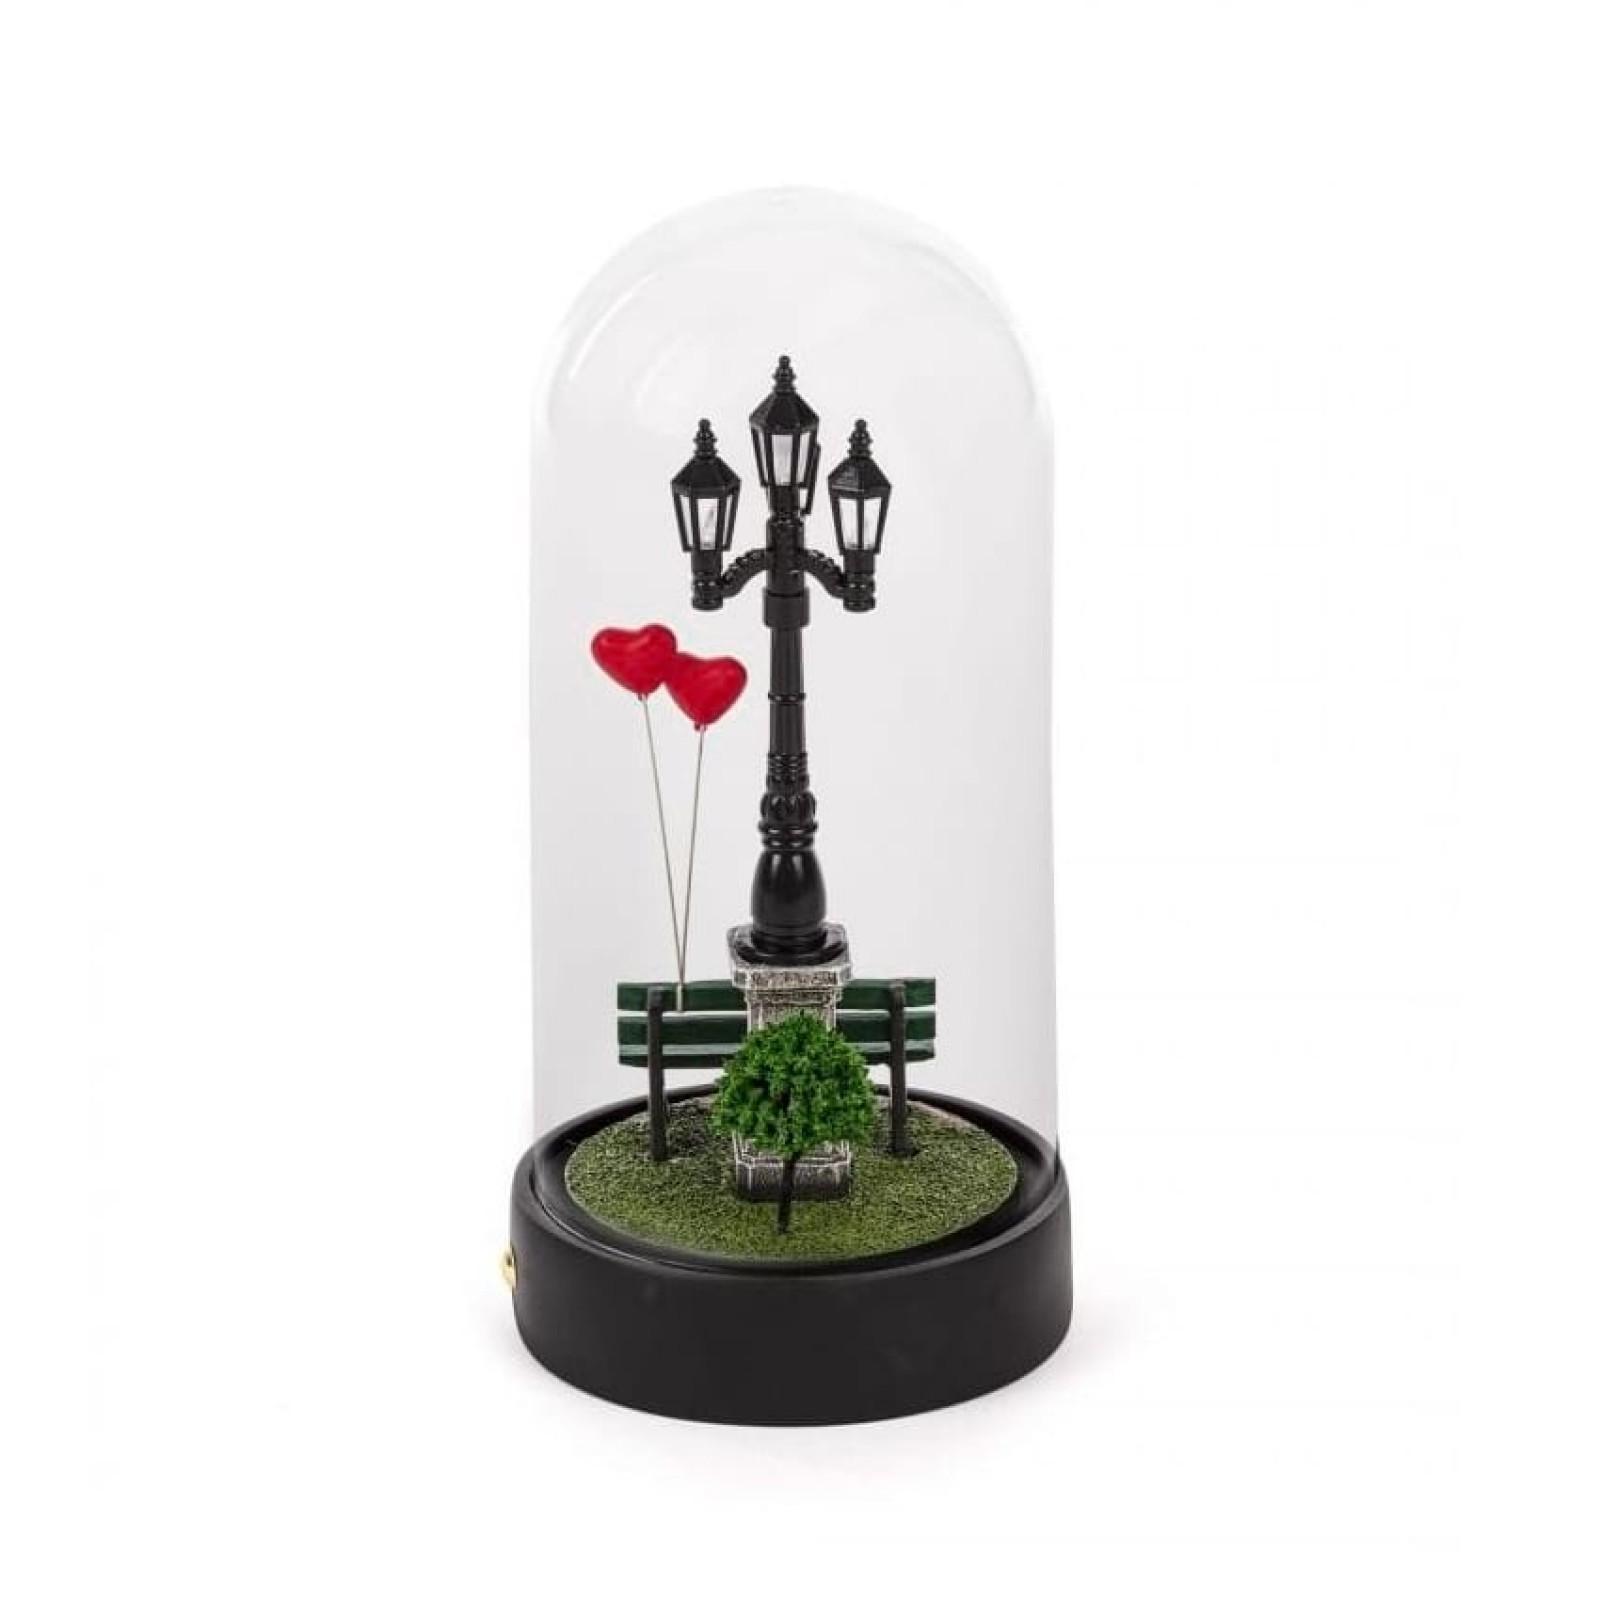 Επιτραπέζιο Φωτιστικό My Little Valentine (Ρητίνη / Γυαλί) - Seletti